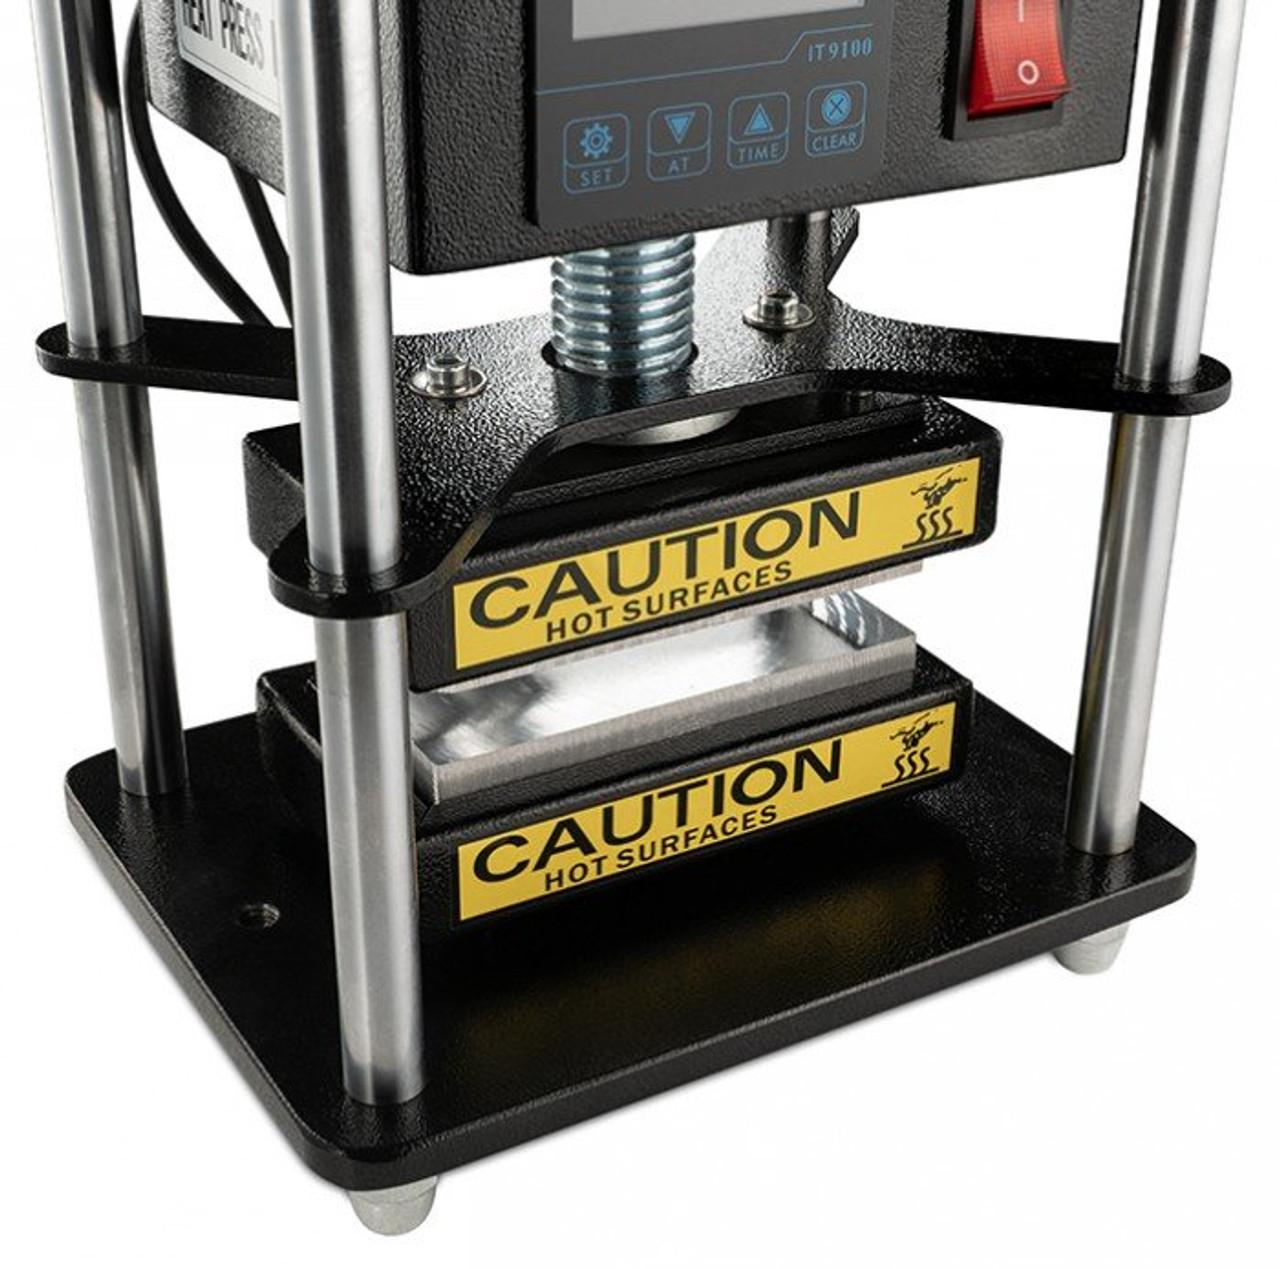 BVV Rosin Twist Press - Dual Heat